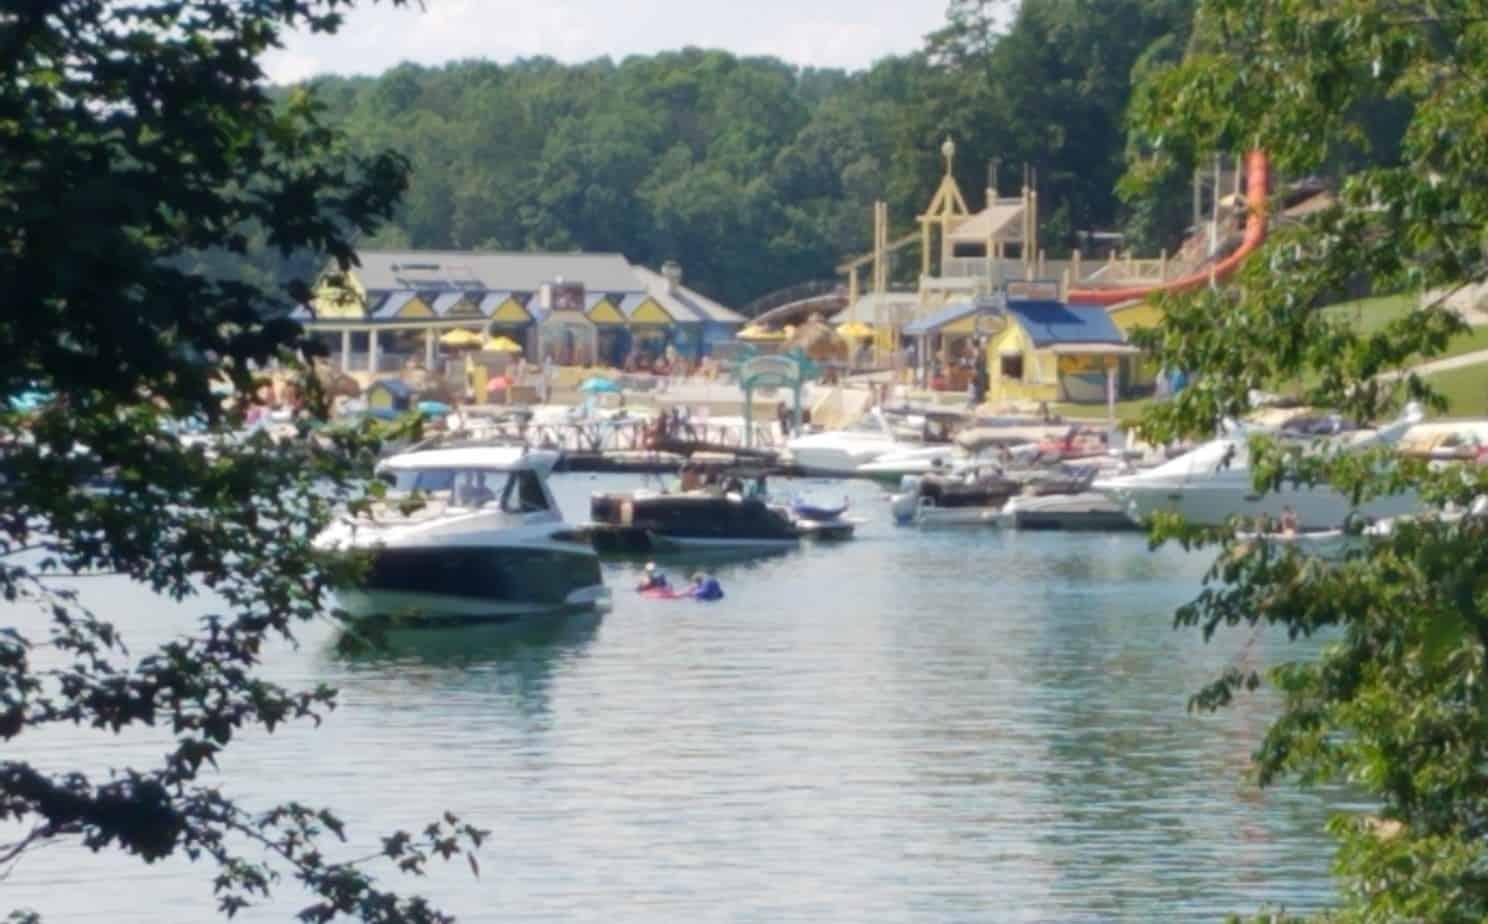 Lake Lanier GA - Real Estate, Fishing, Marinas and Lake Lanier Islands